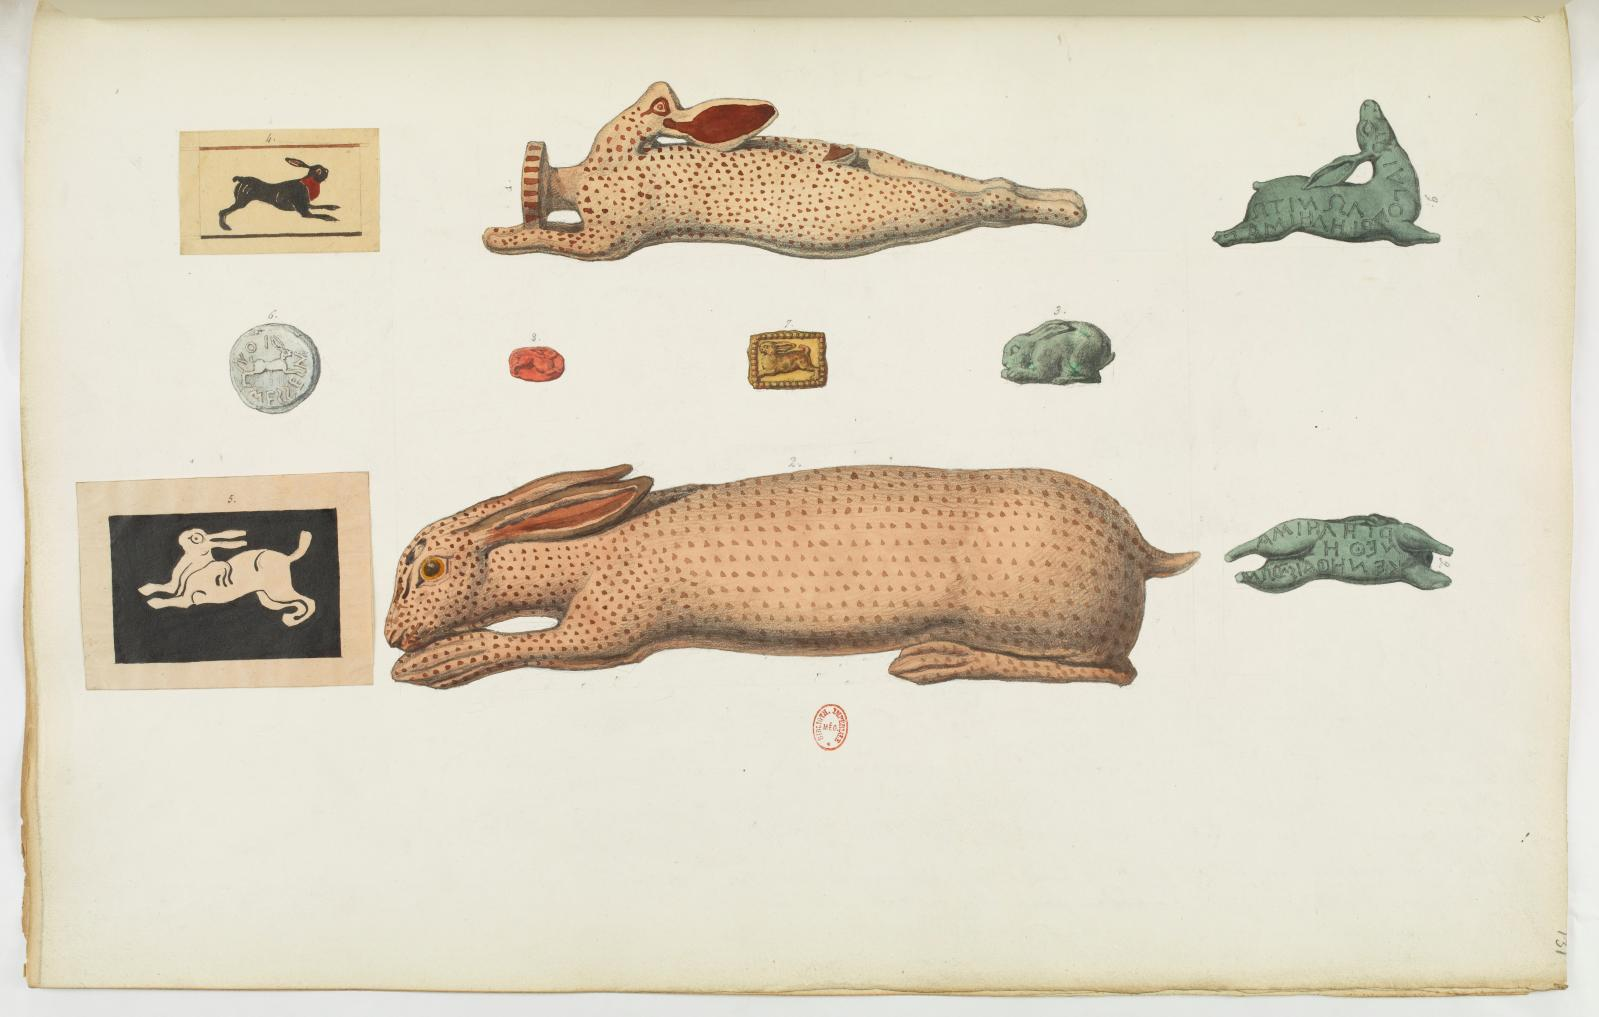 Recueil des monuments antiques, volume 6, planche 131. © Bibliothèque nationale de France